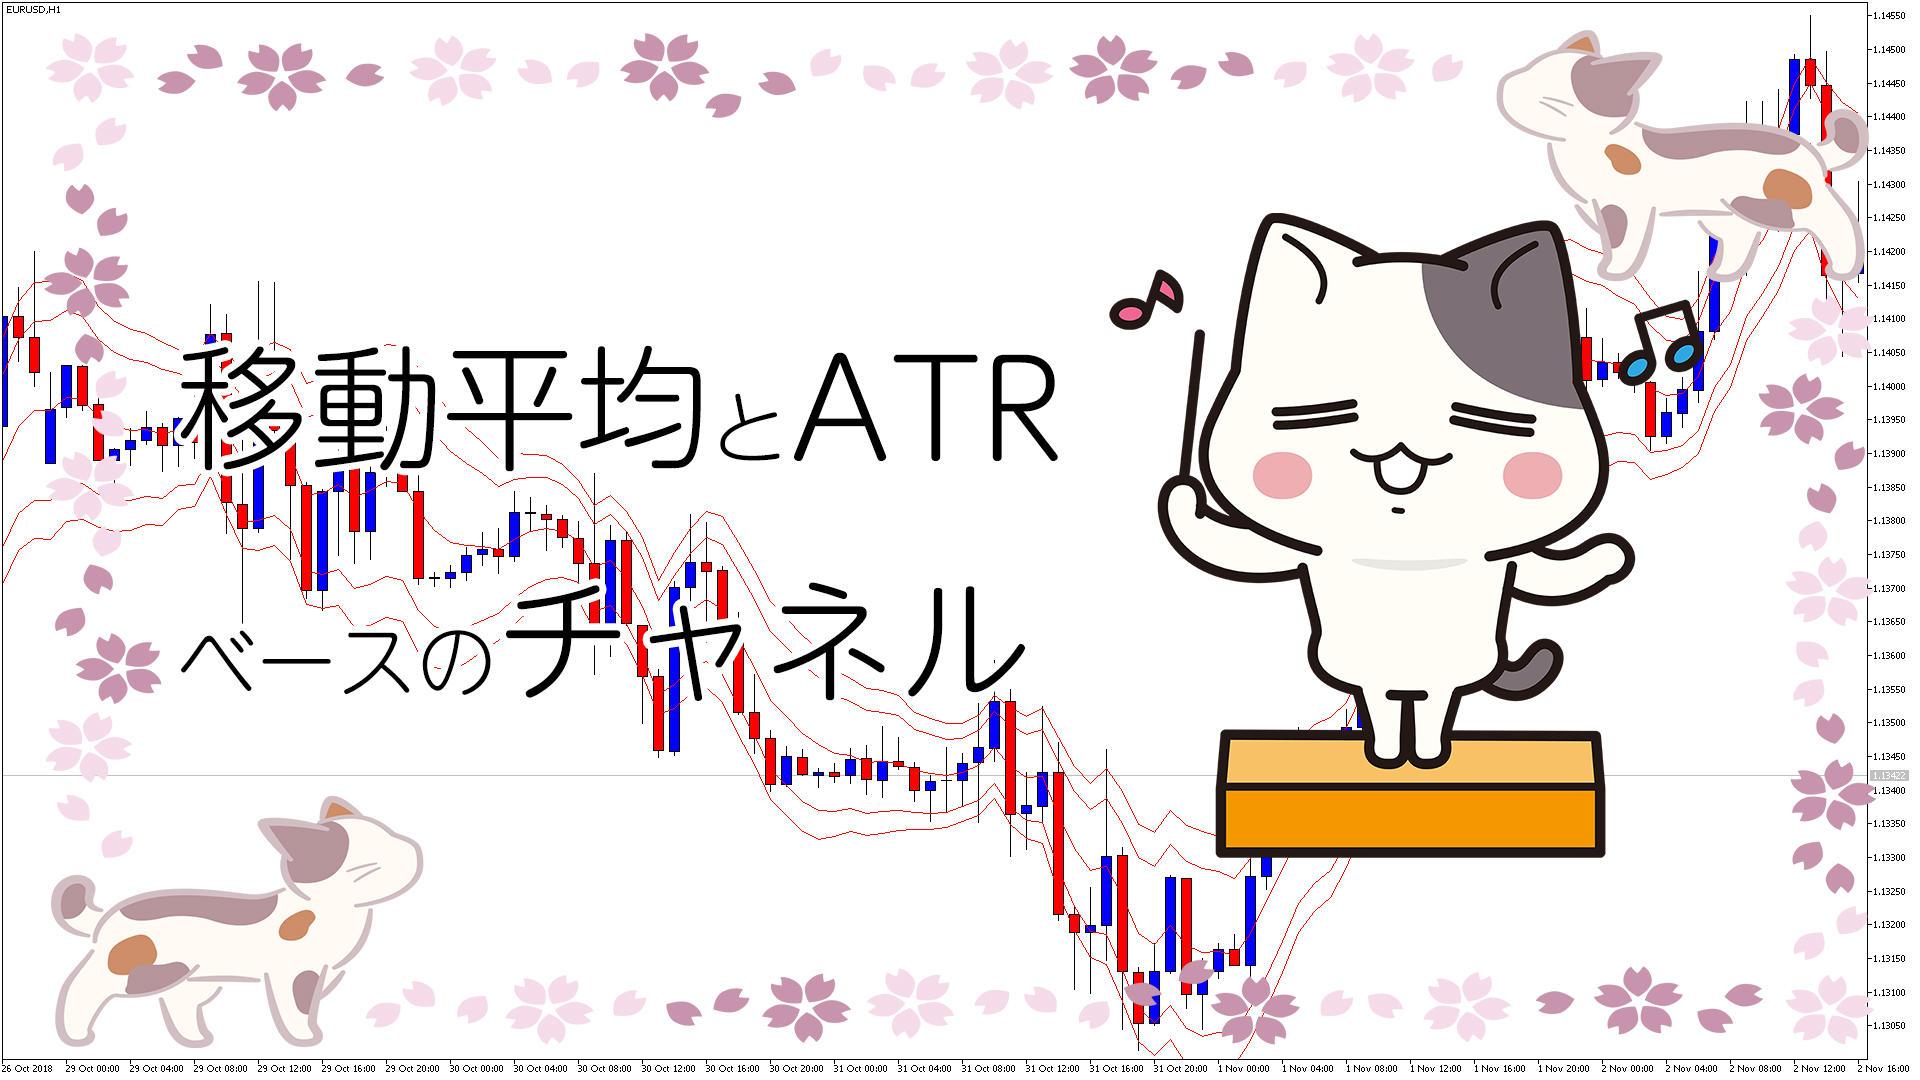 移動平均線とATRを基にしたチャネルを表示するMT5インジケータ-「Tymen_STARC_Bands」